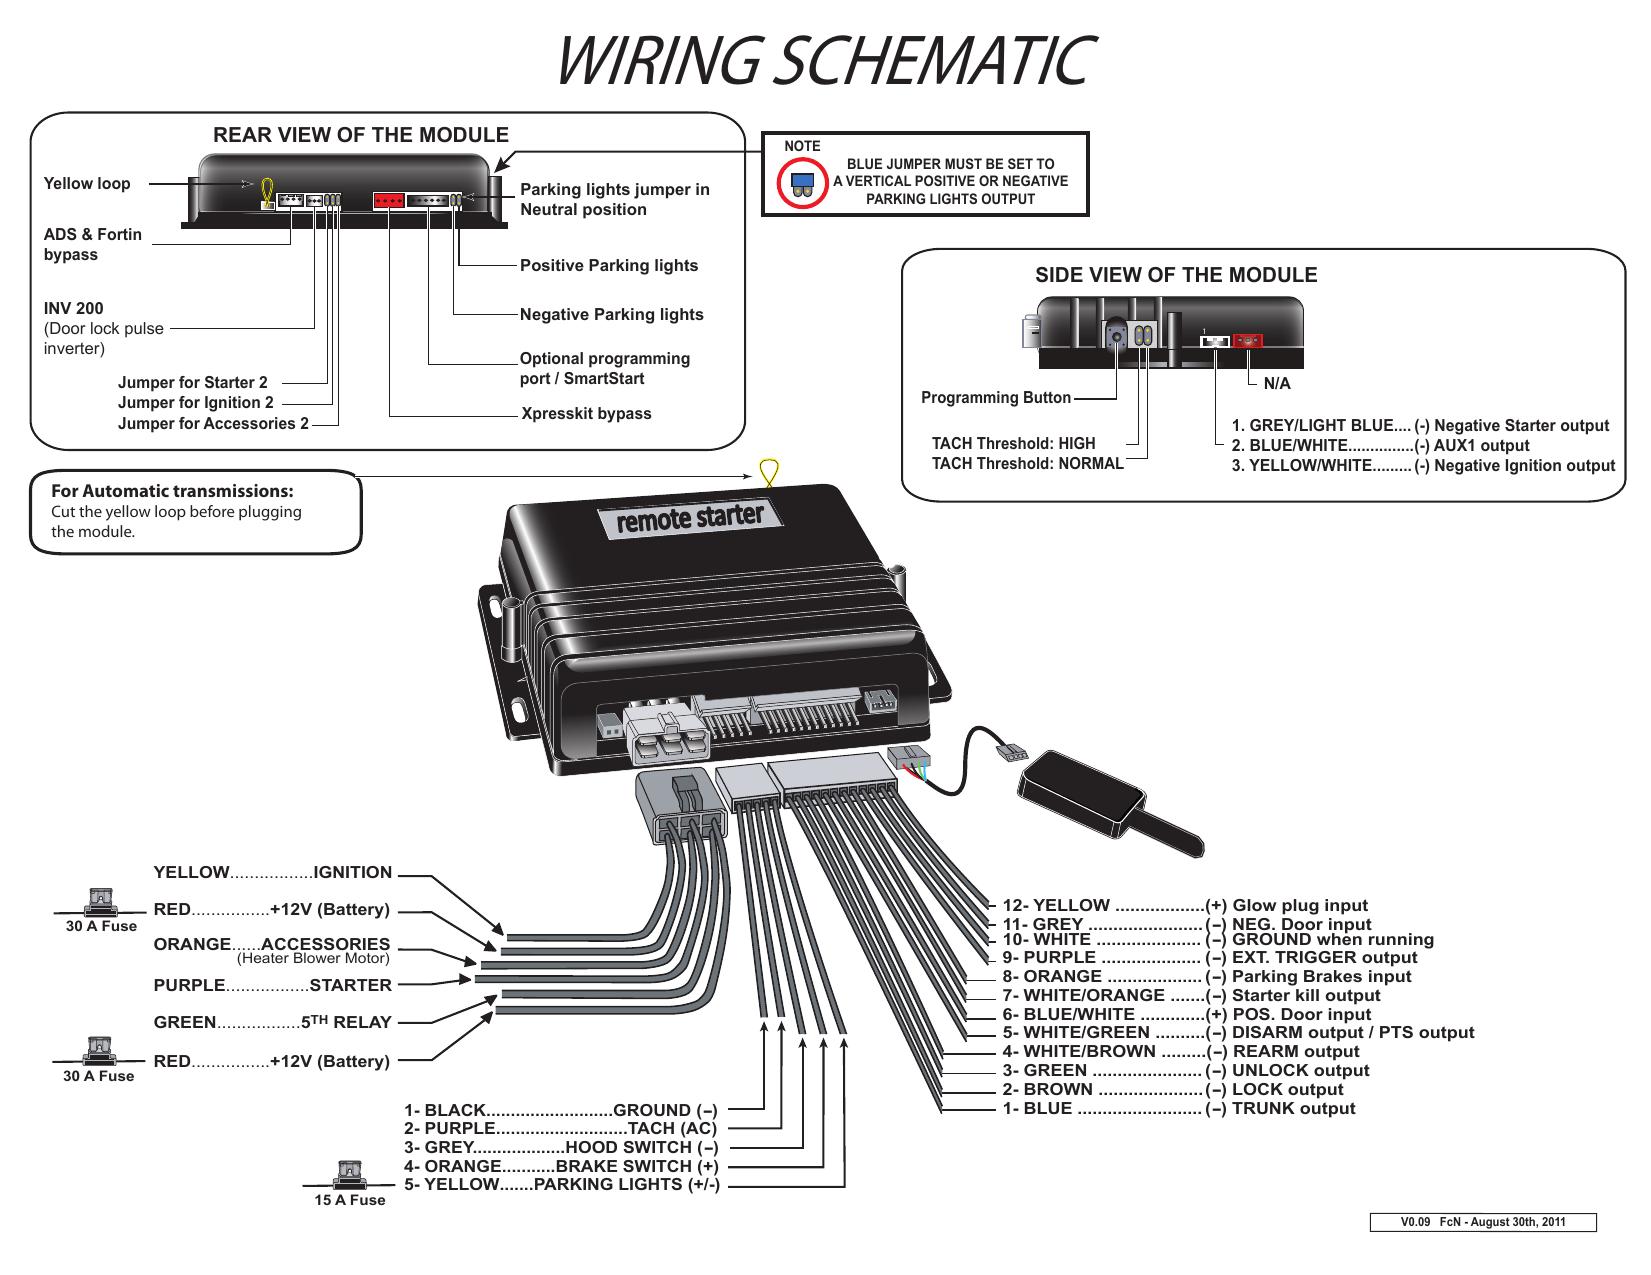 Prostart Remote Starter Wiring Diagram